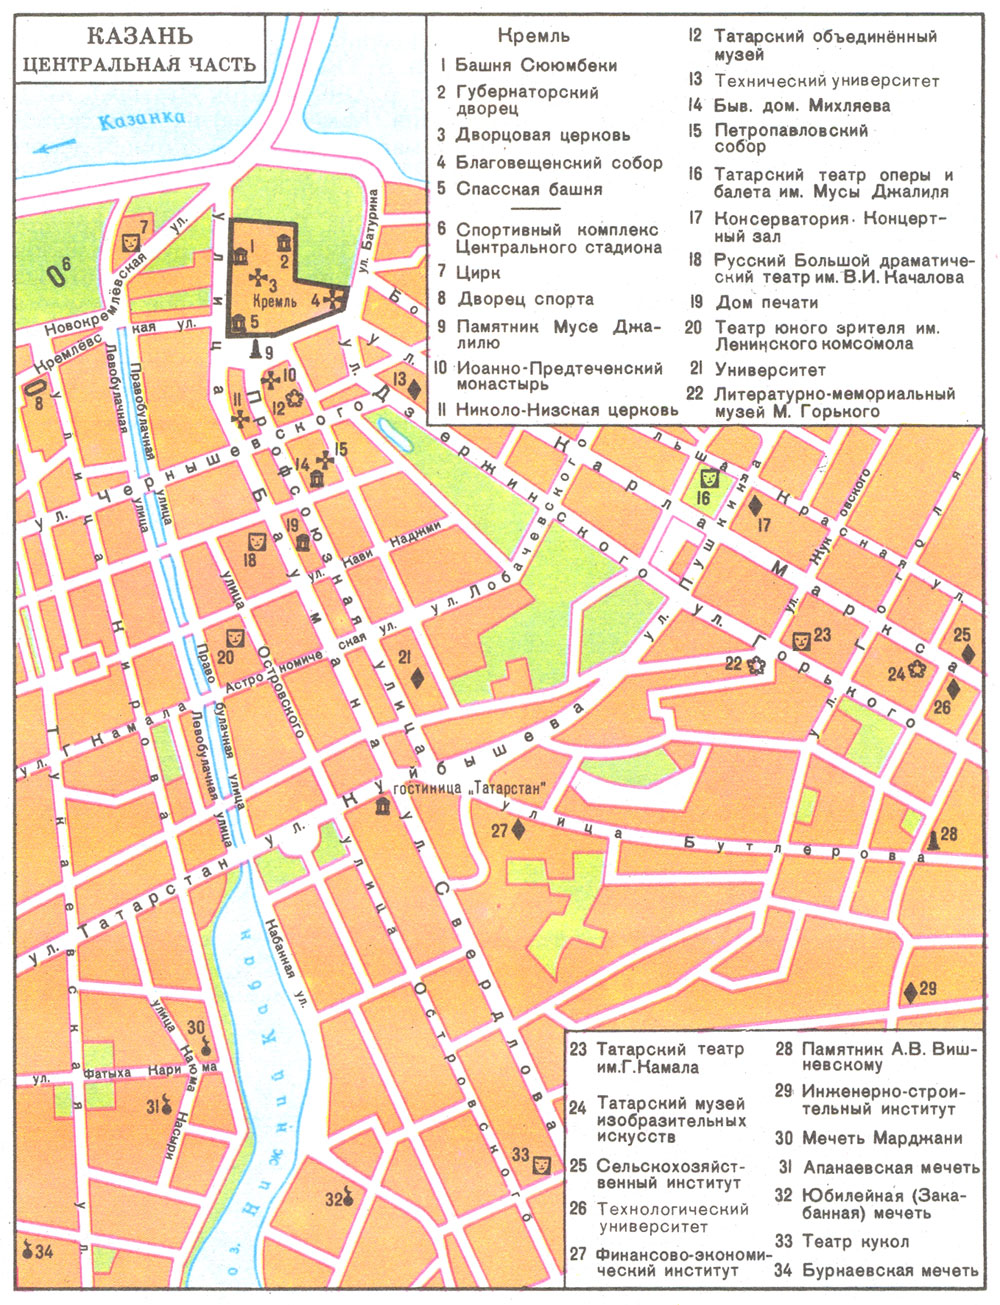 Карта центра Казани с достопримечательностями.  Разрешение 1000*1305.  Размер 485 Кб.